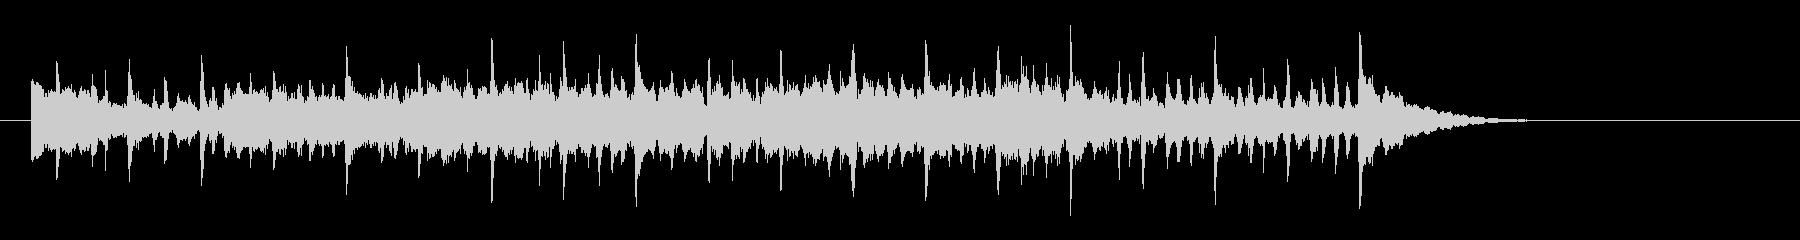 テーマ2:フルミックス、SCI FIの未再生の波形